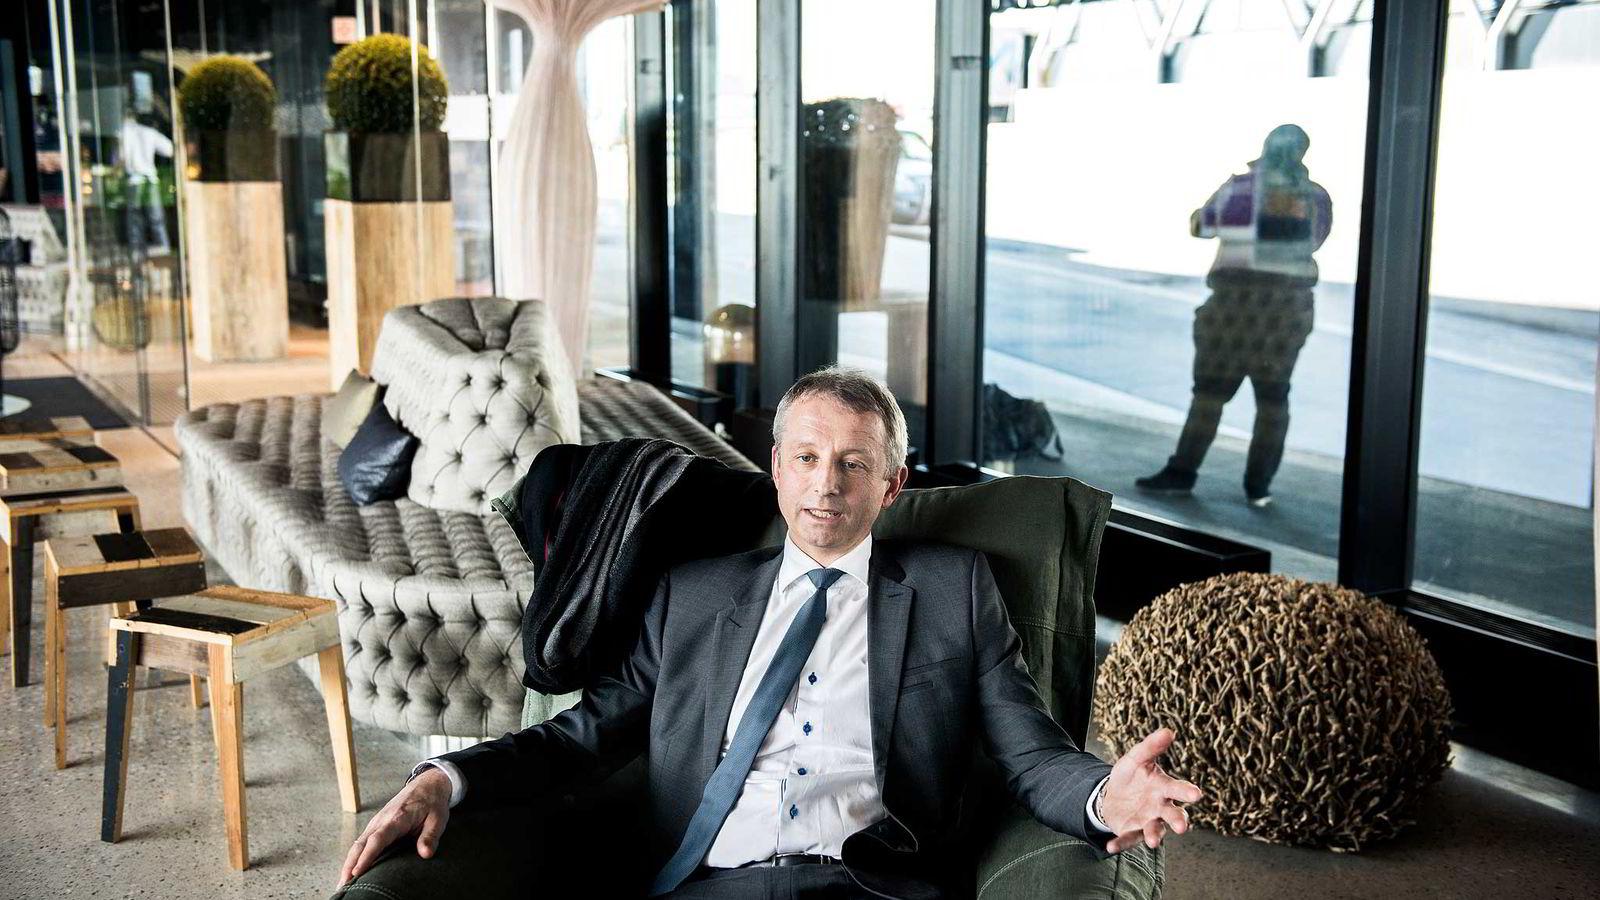 Tidligere Vimpelcom-sjef Jo Lunder blir frifunnet av amerikanske og nederlandske myndigheter, mener hans advokat Cato Schiøtz. Foto: Klaudia Lech.